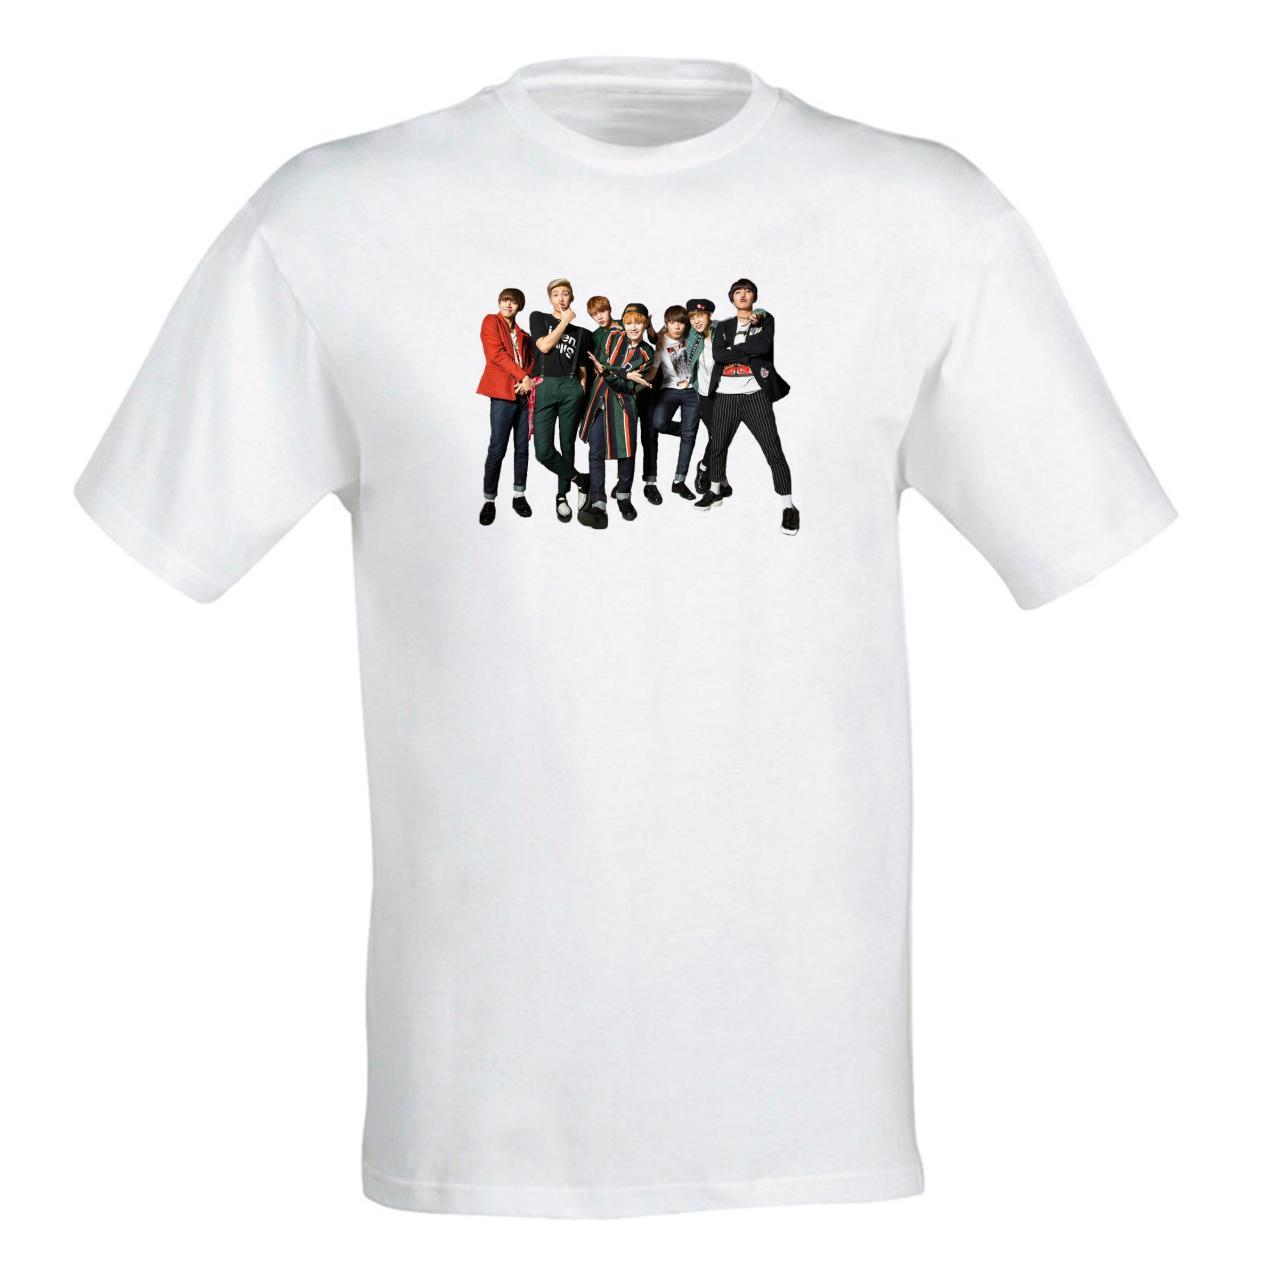 Жіноча футболка з принтом групи BTS 7 Push IT